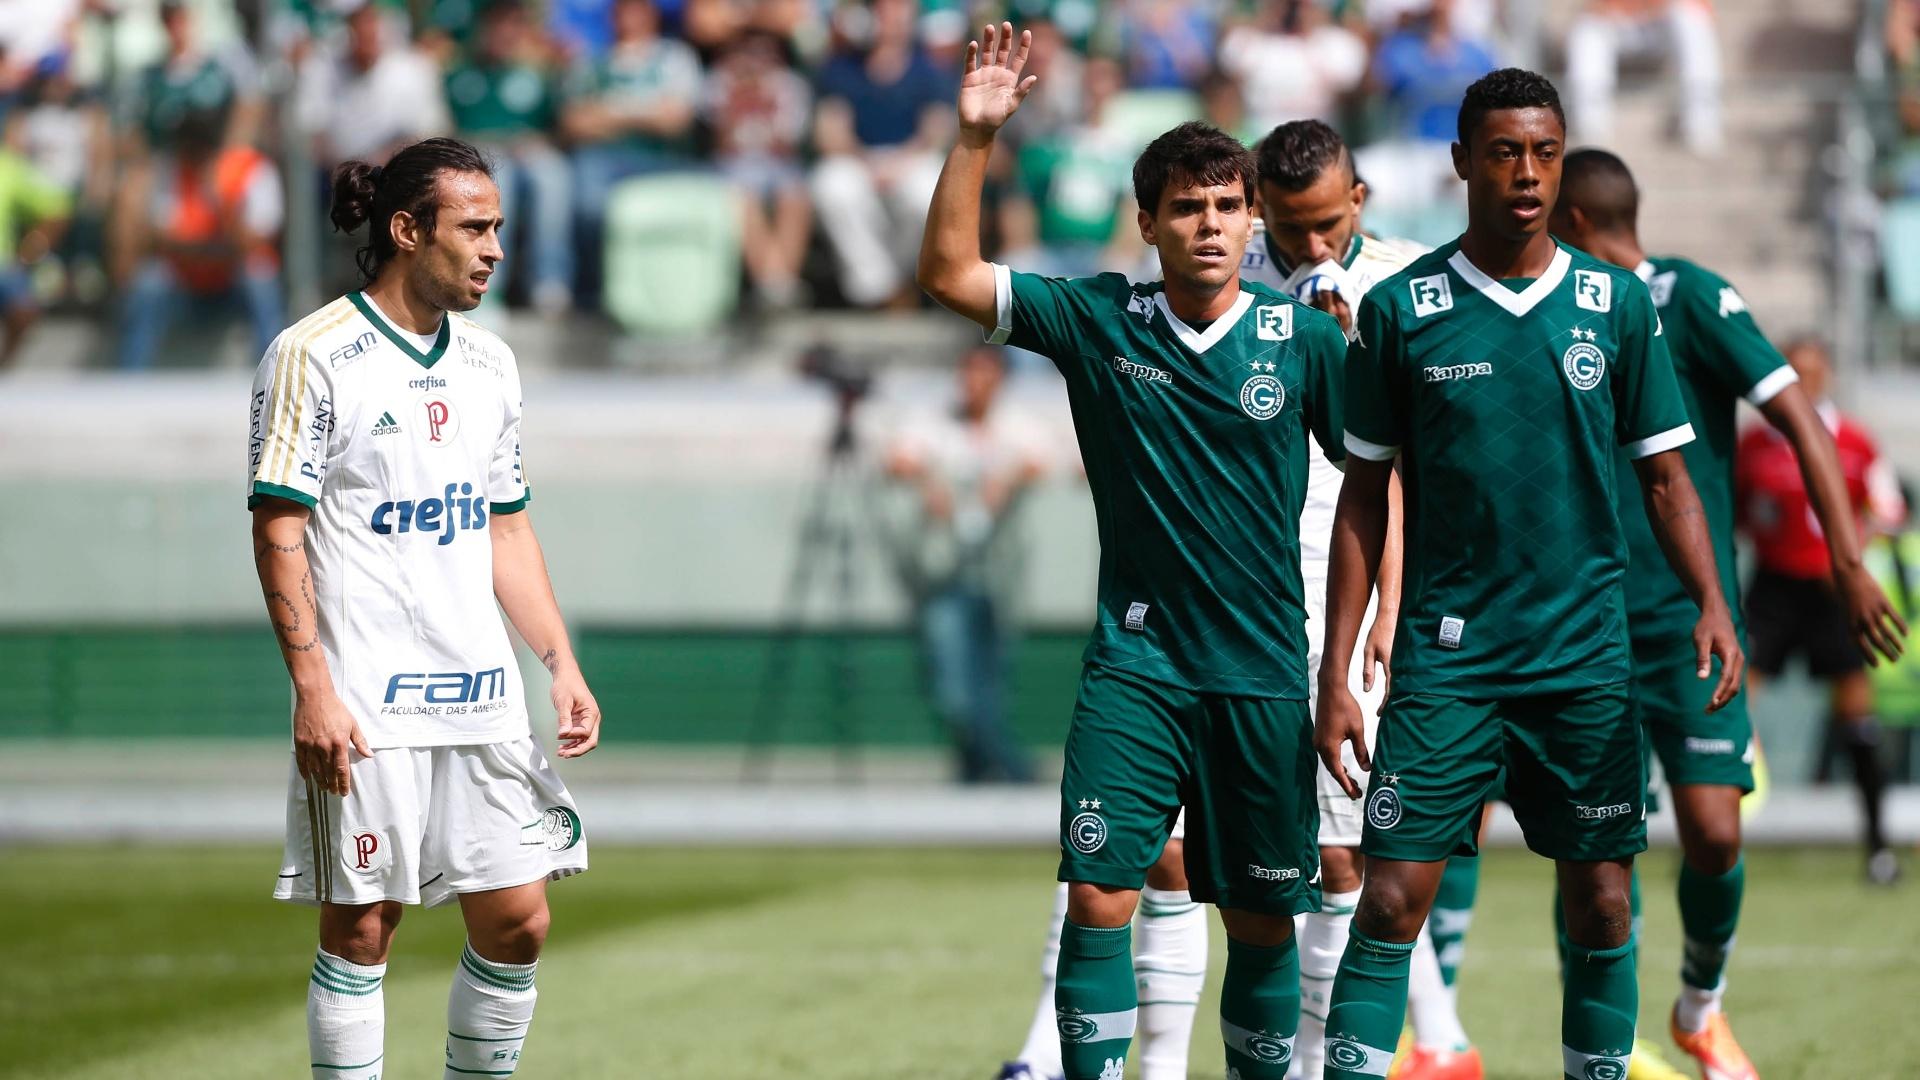 Valdiva (branco) encara jogadores do Goiás em jogo do Palmeiras